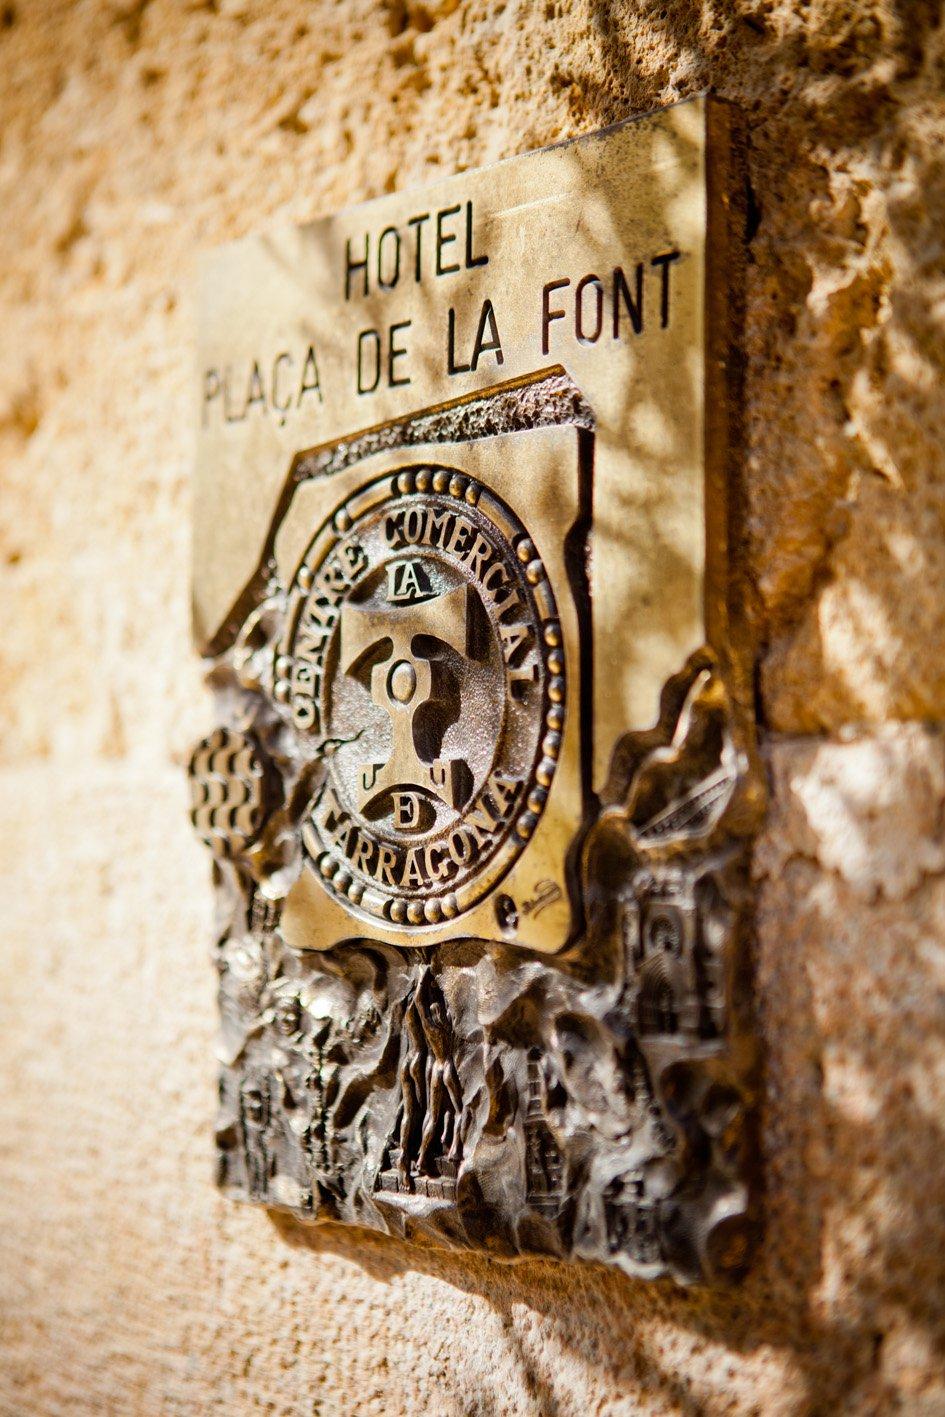 hotel_la_fontnombre_del_documento_13-e7b0877edfa7b963af95290894e94bcd